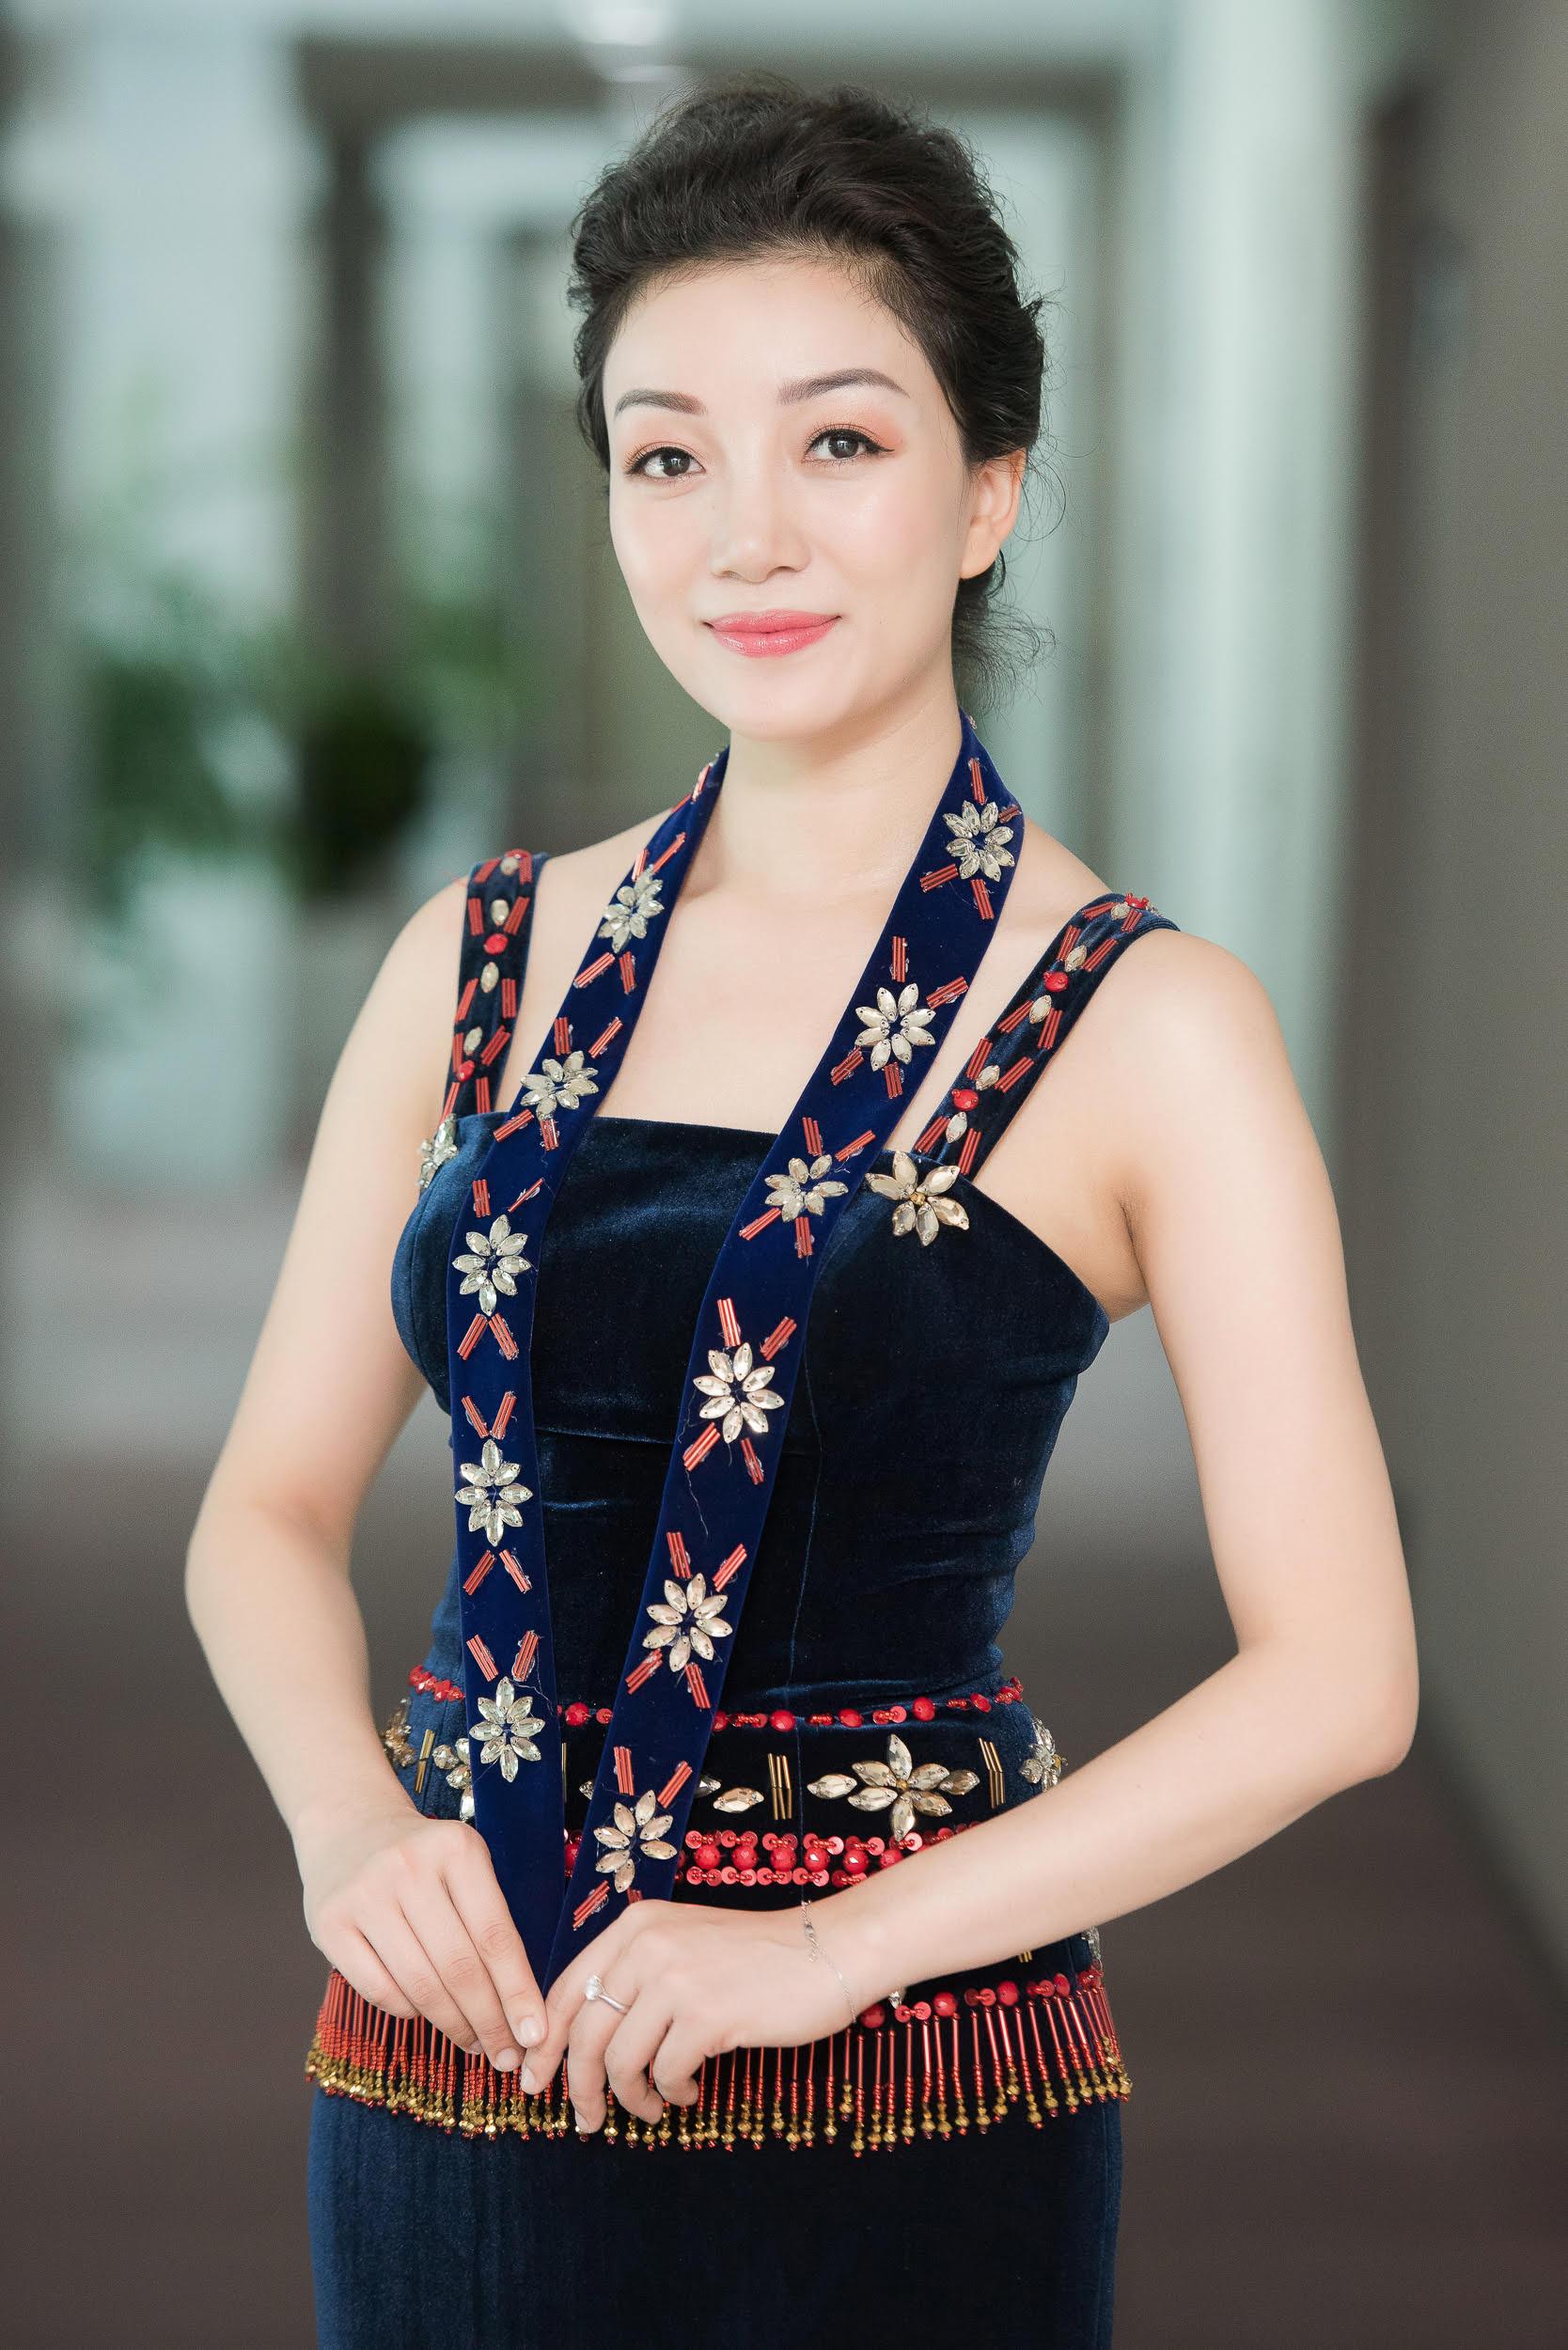 Hình ảnh Phạm Thu Hà hát